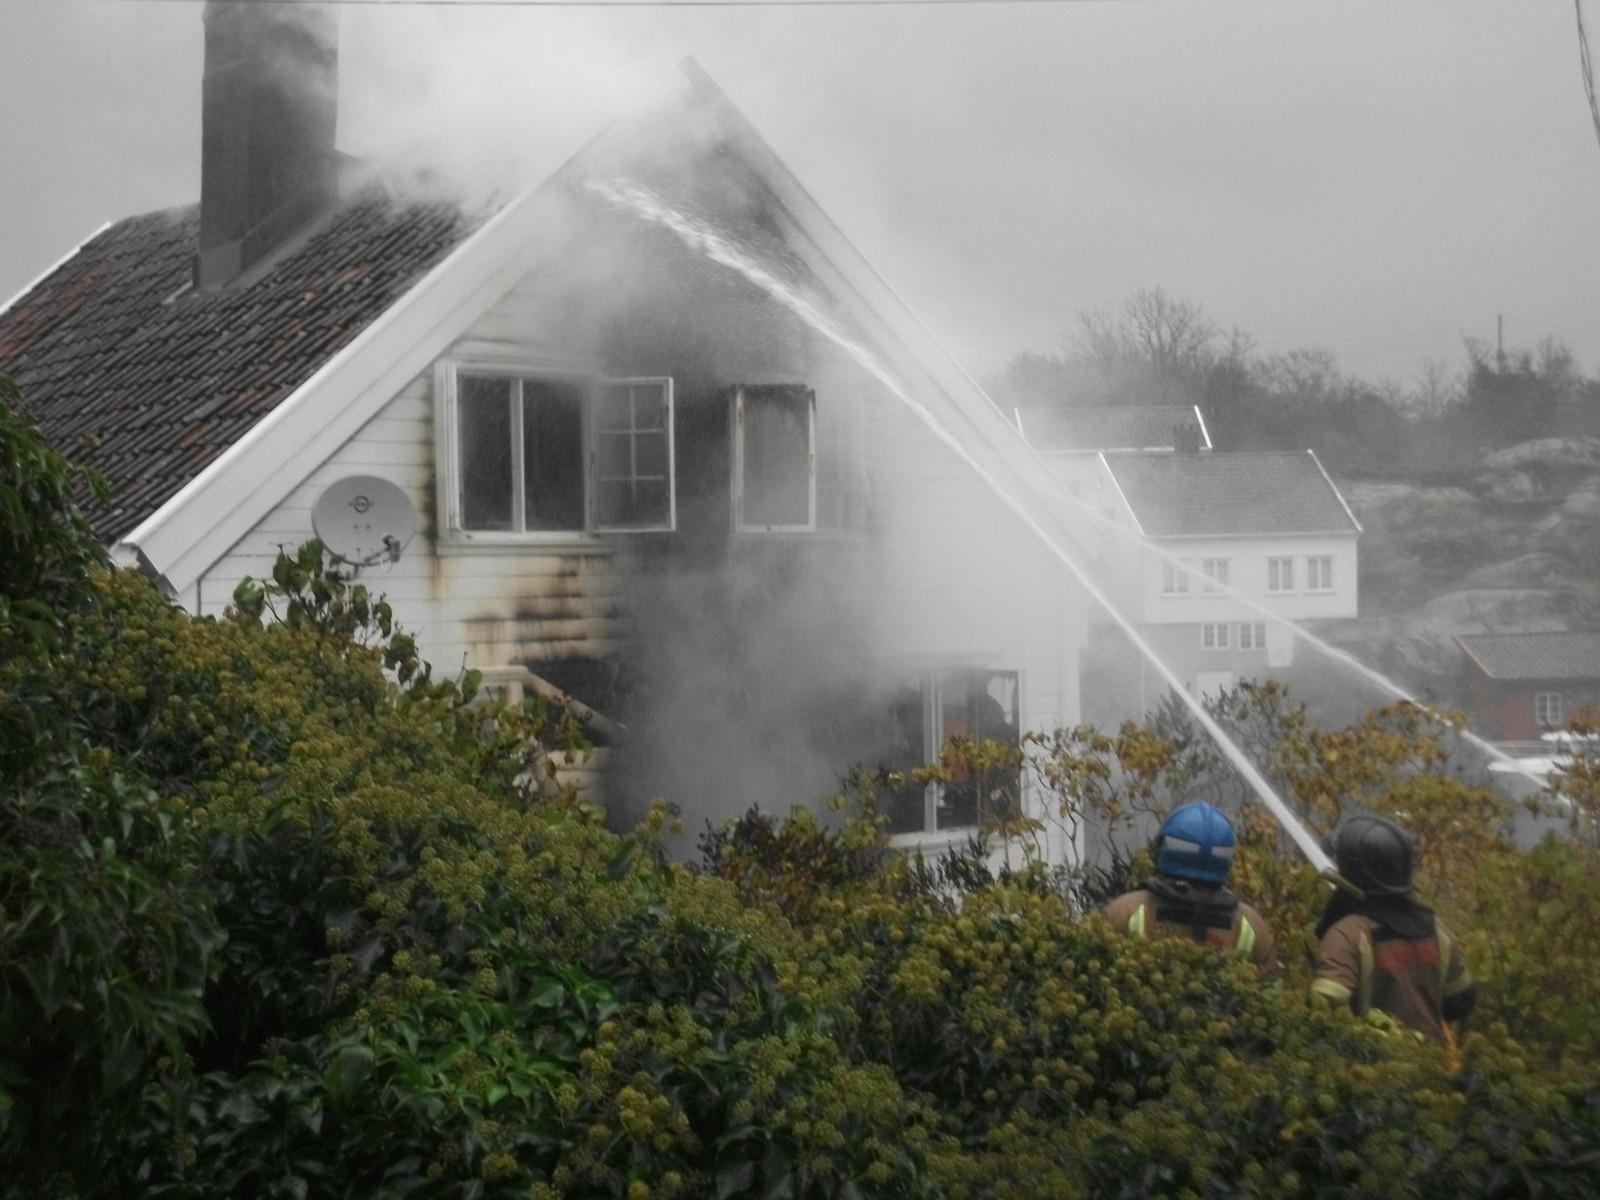 Ingen personer ble skadet, men sommerhuset fikk store materielle skader i brannen. Huset ligger i Stranda og er blant de verneverdige husene.